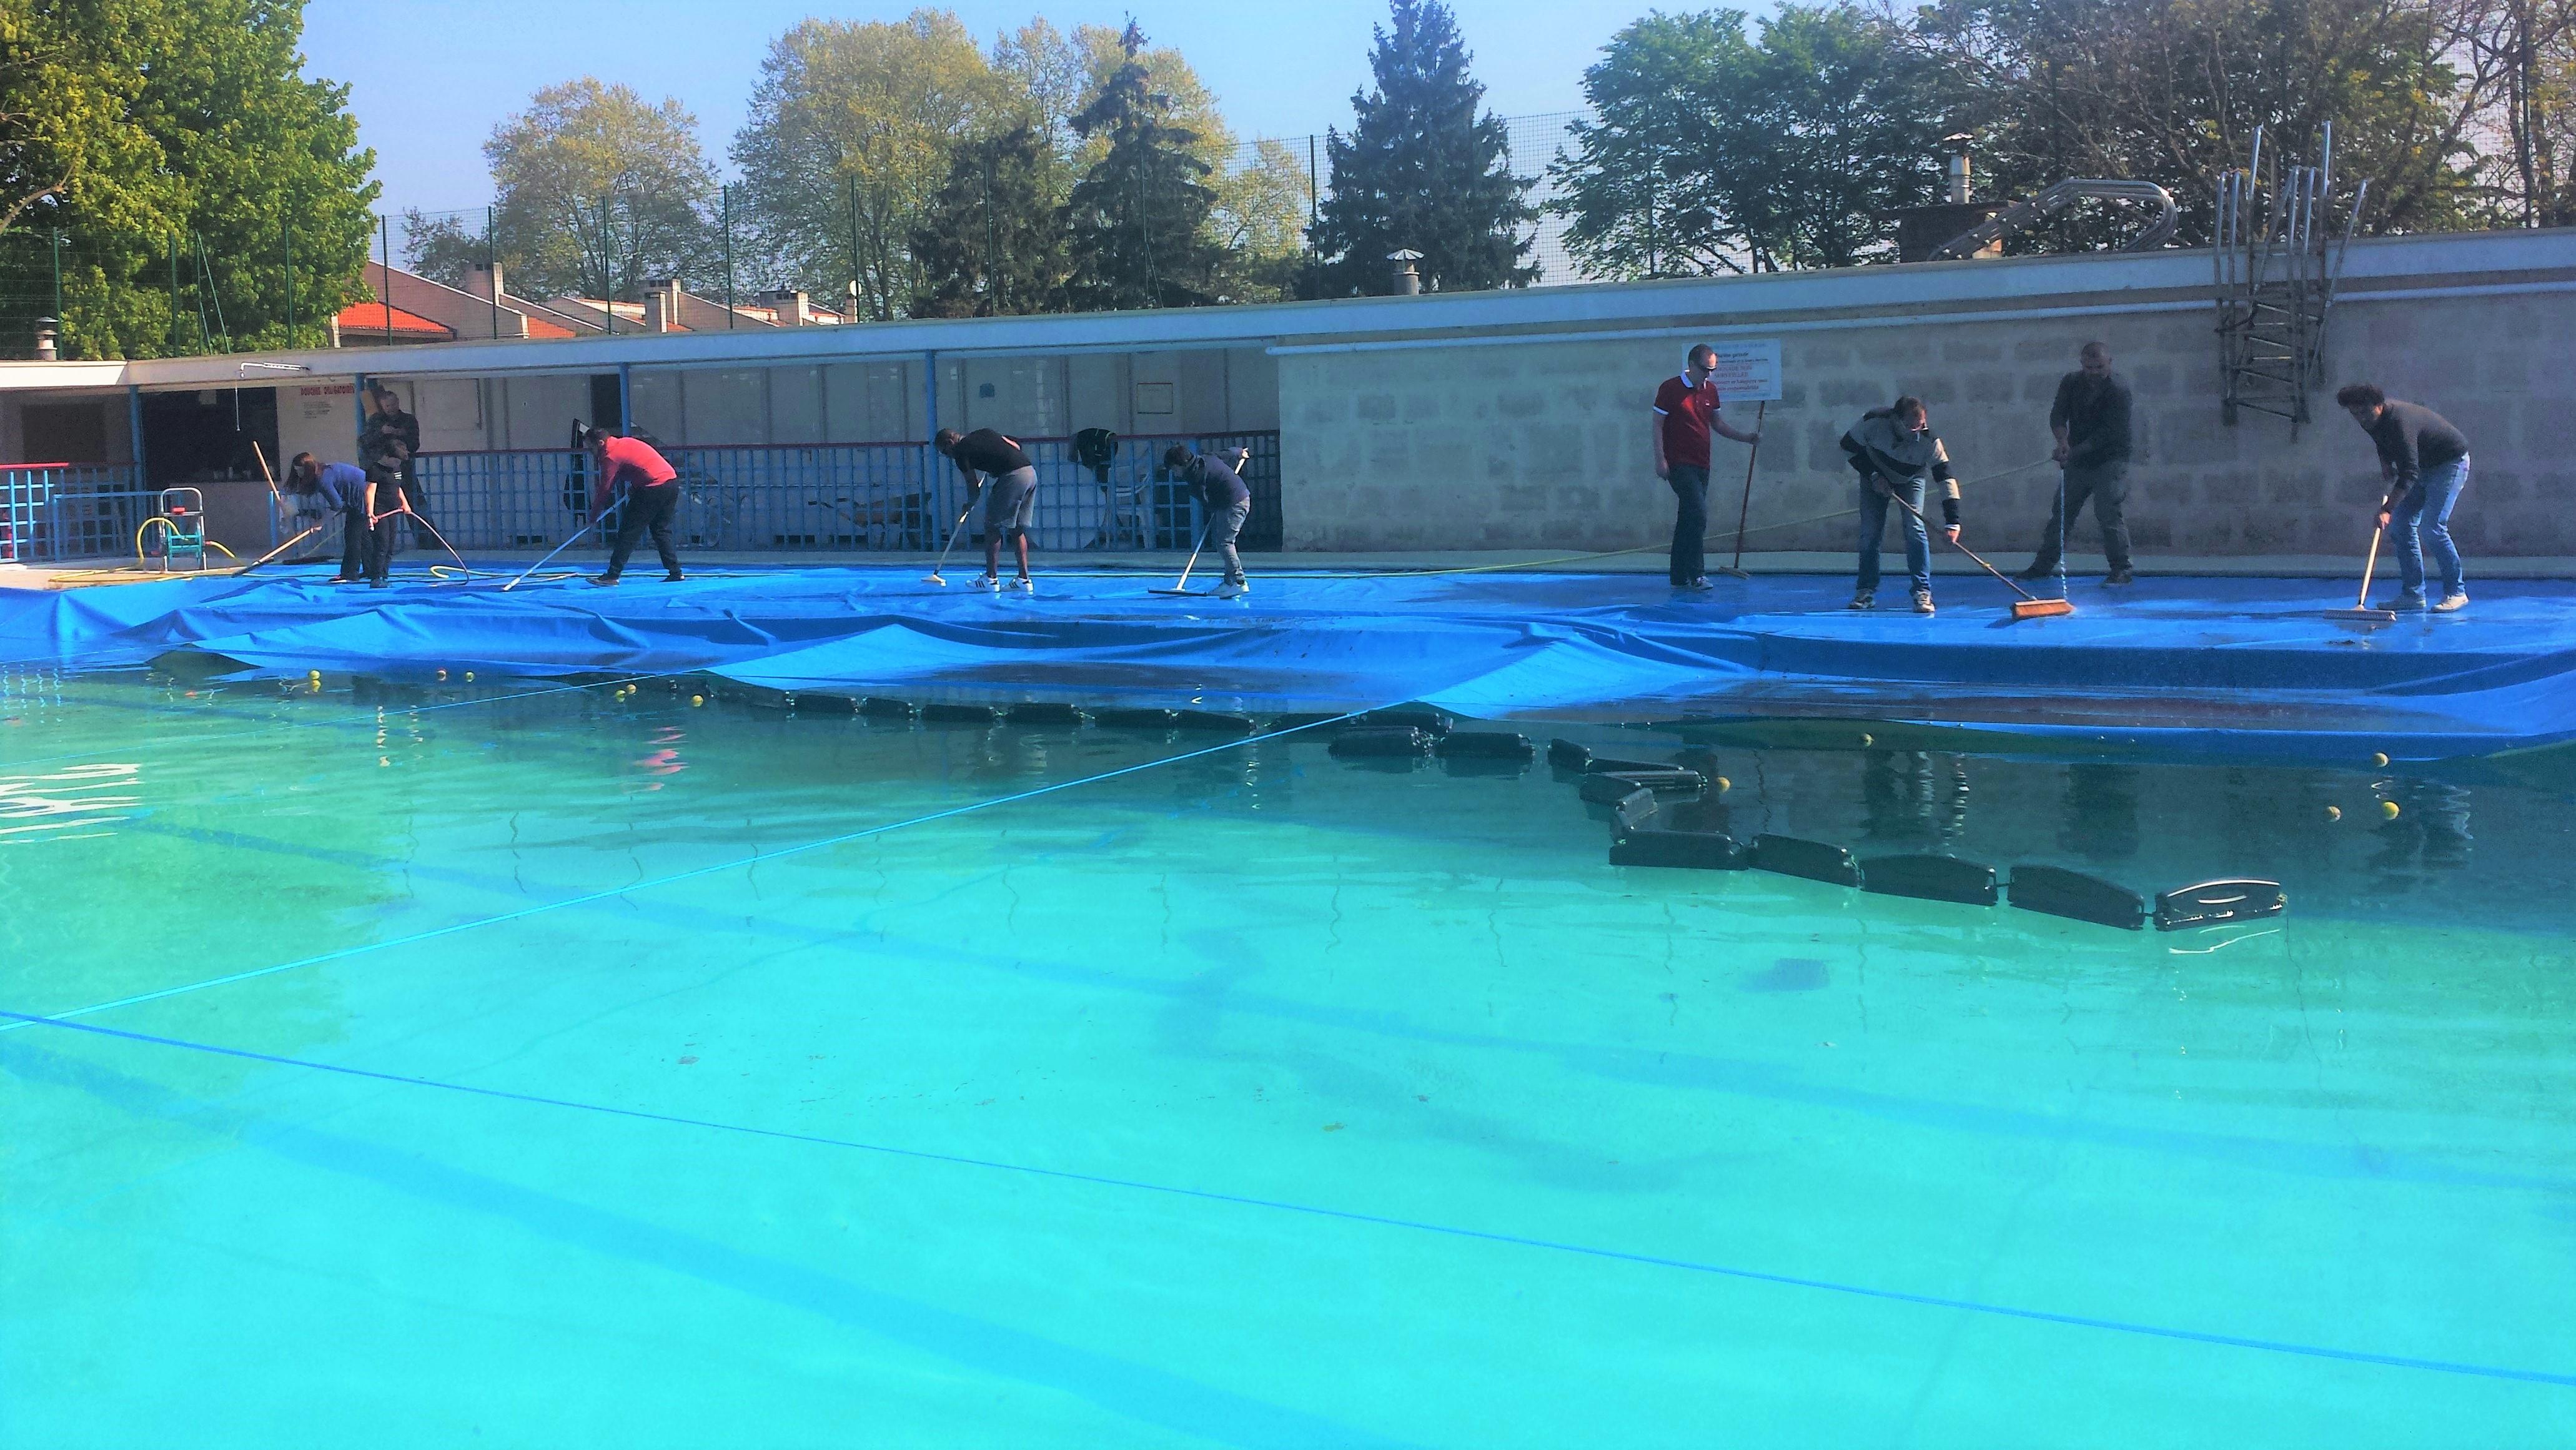 nettoyage de la bâche piscine